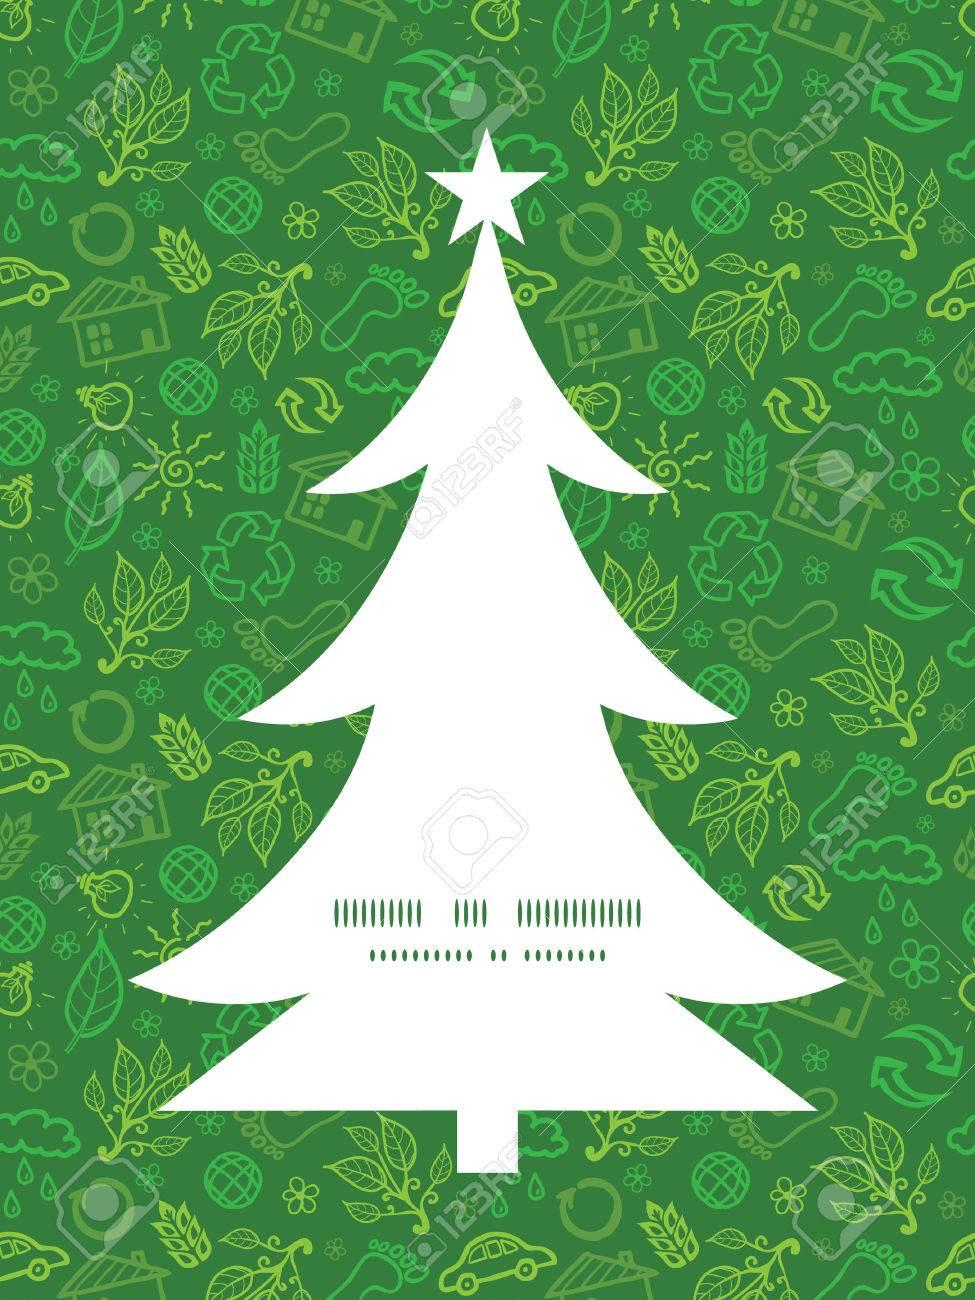 Vector Ökologie Symbole Weihnachtsbaum Silhouette Muster-Rahmen ...